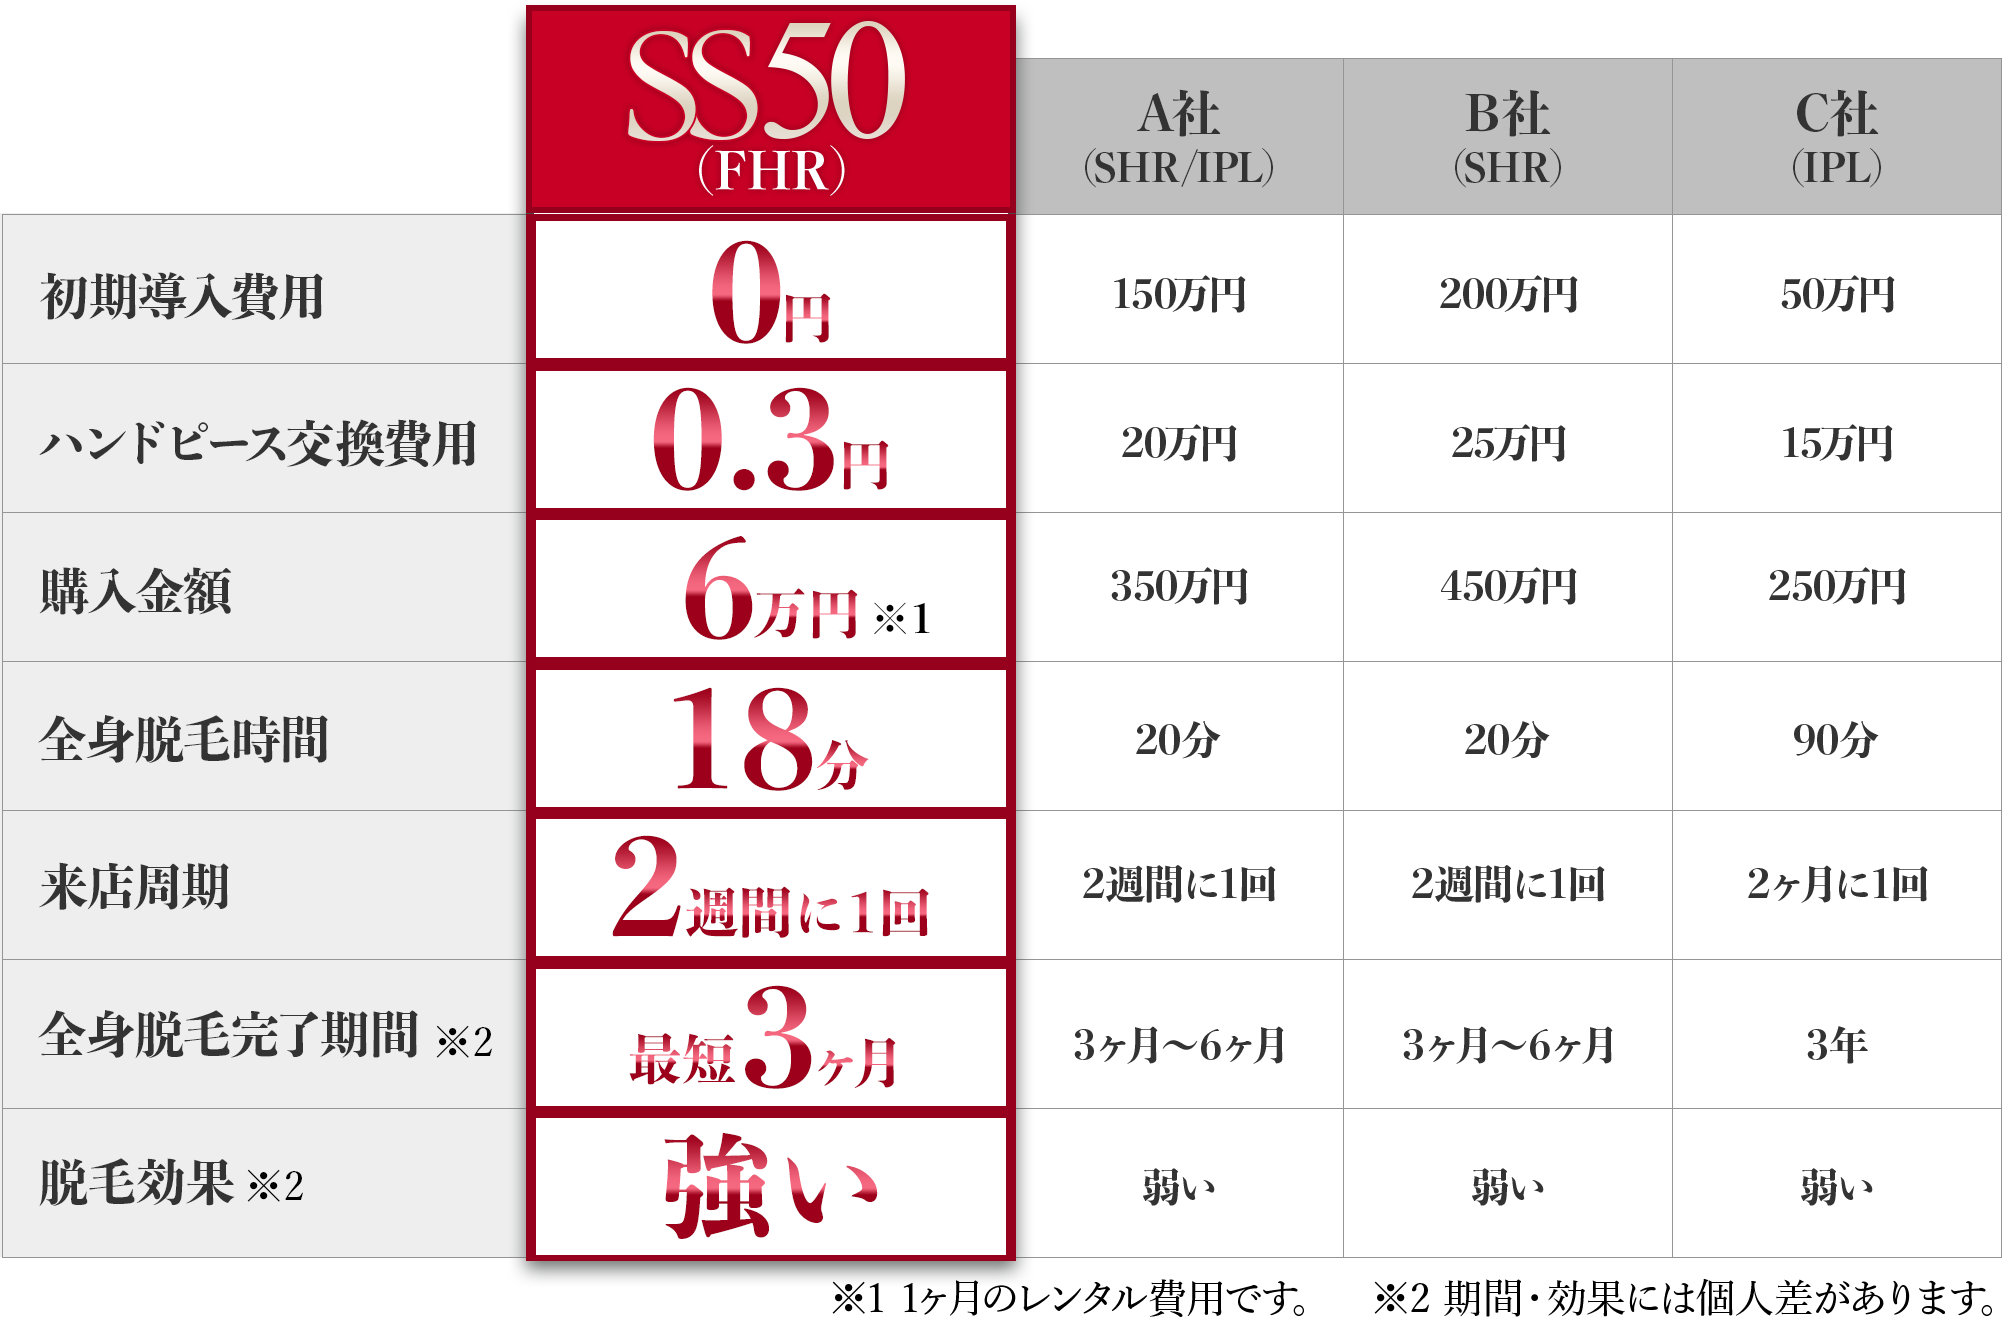 比べてください!SS50の圧倒的なパフォーマンス!